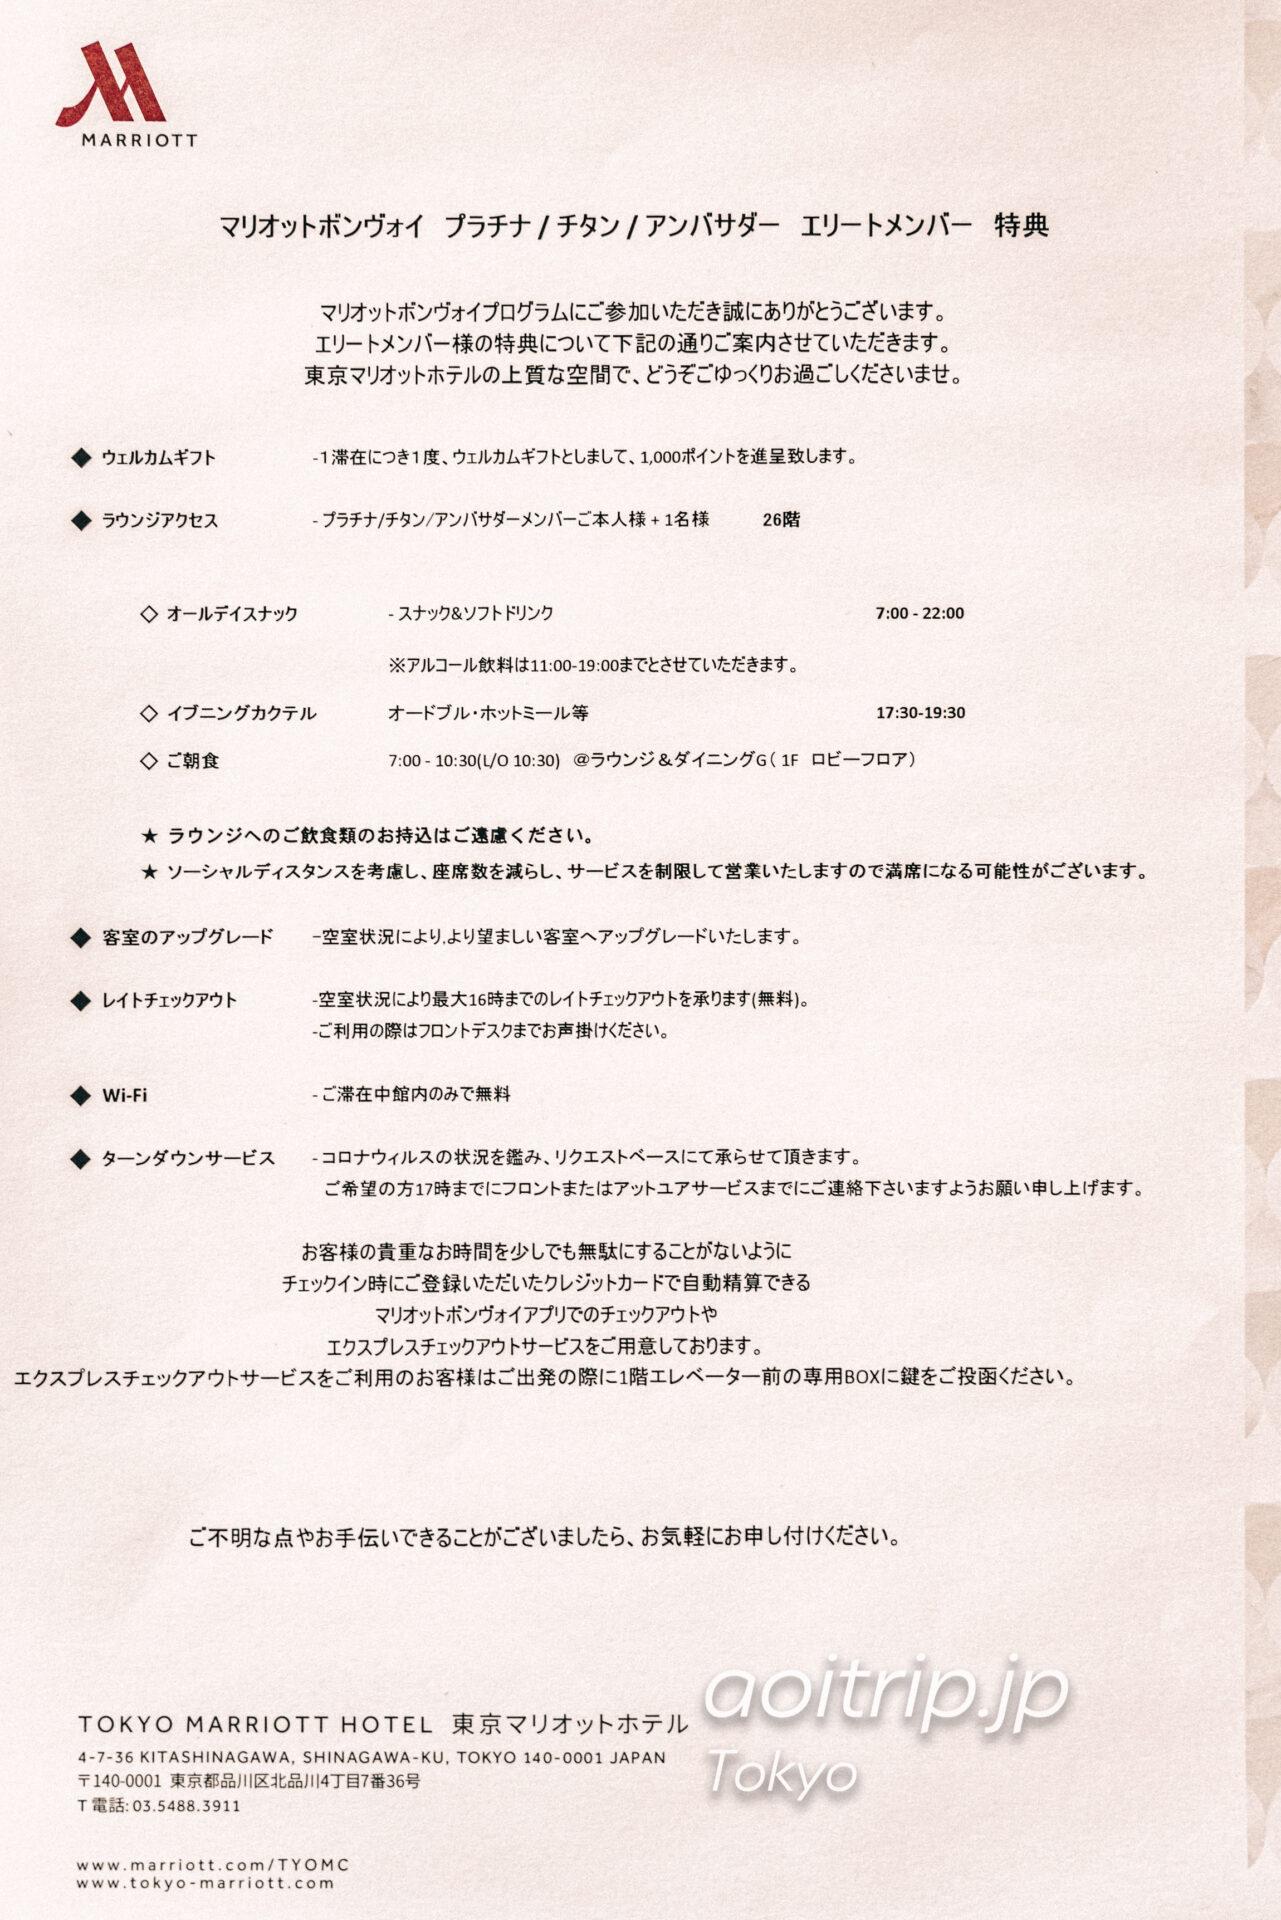 東京マリオットホテル Marriott Bonvoy上級会員(アンバサダー、チタン、プラチナ)の宿泊特典